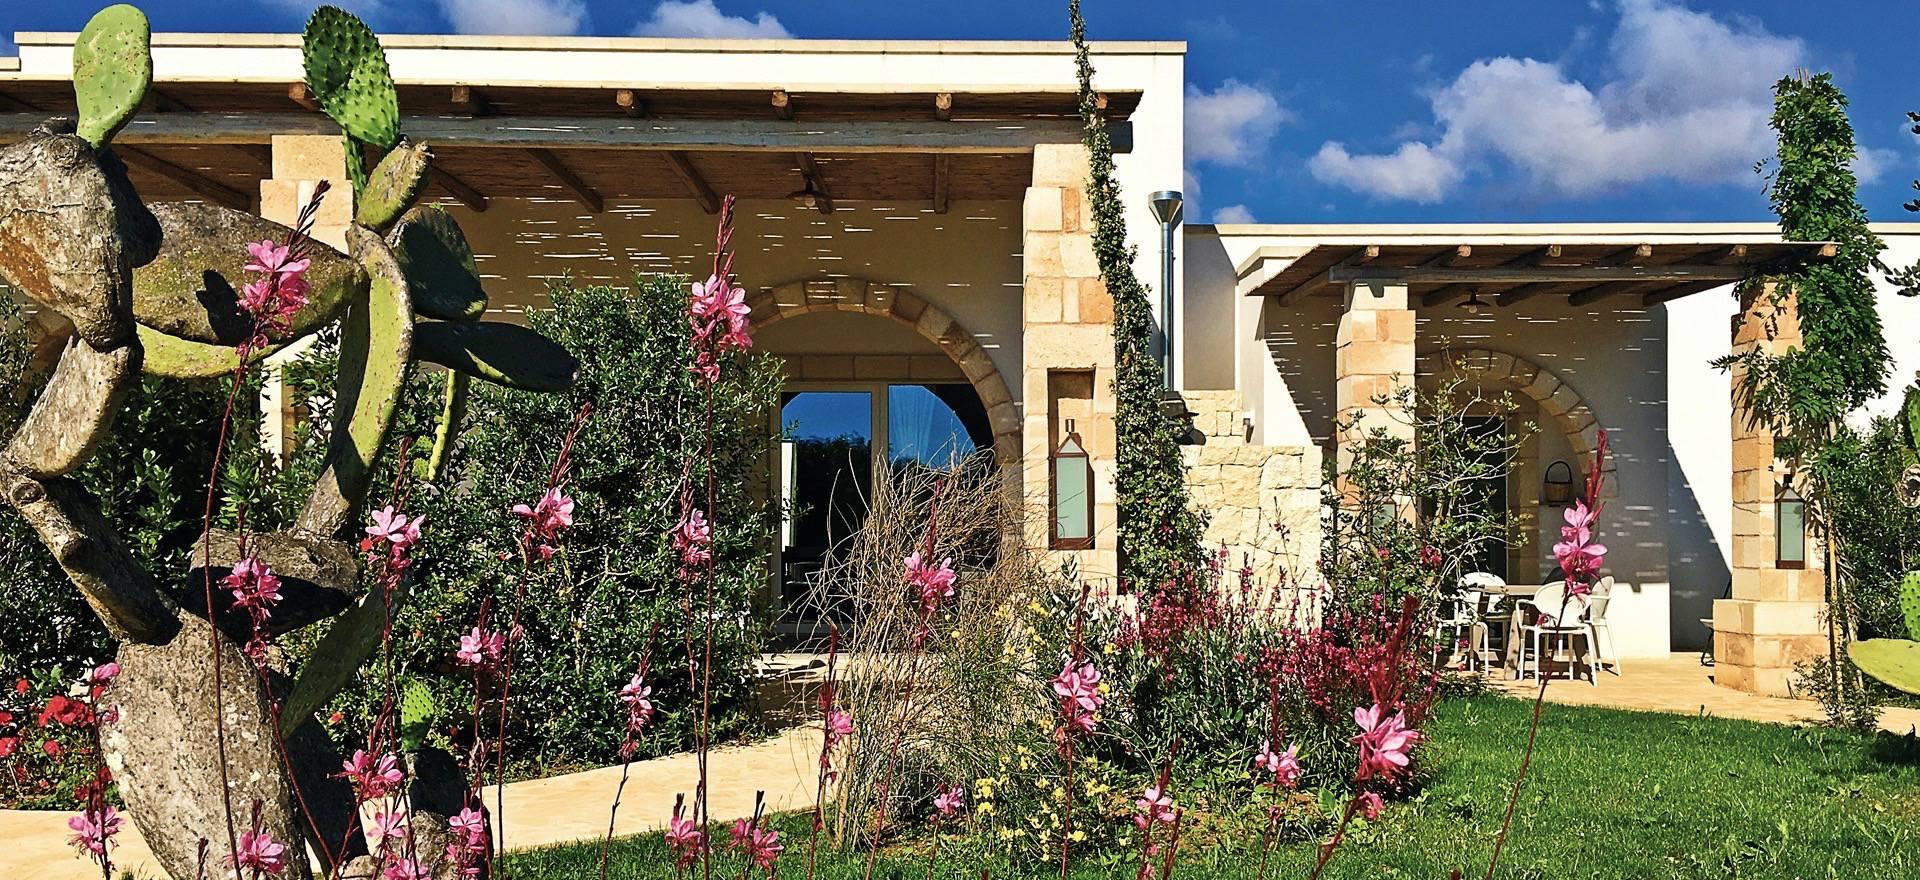 Agriturismo Puglia Agriturismo di lusso in Puglia, vicino al mare